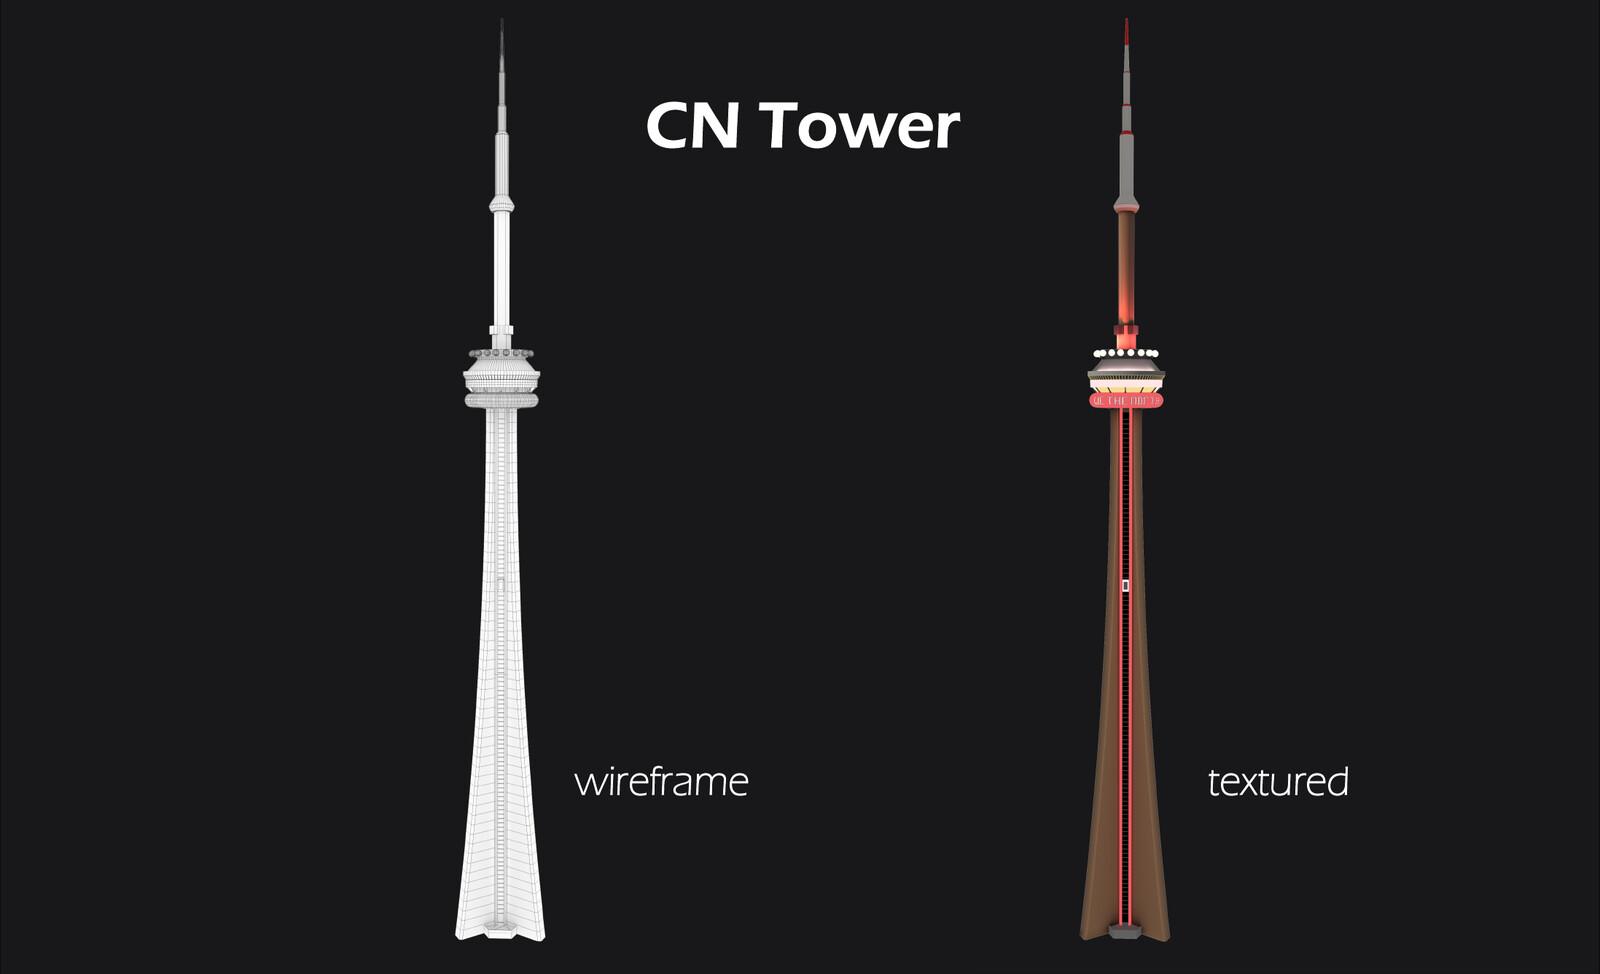 ASSET: CN Tower